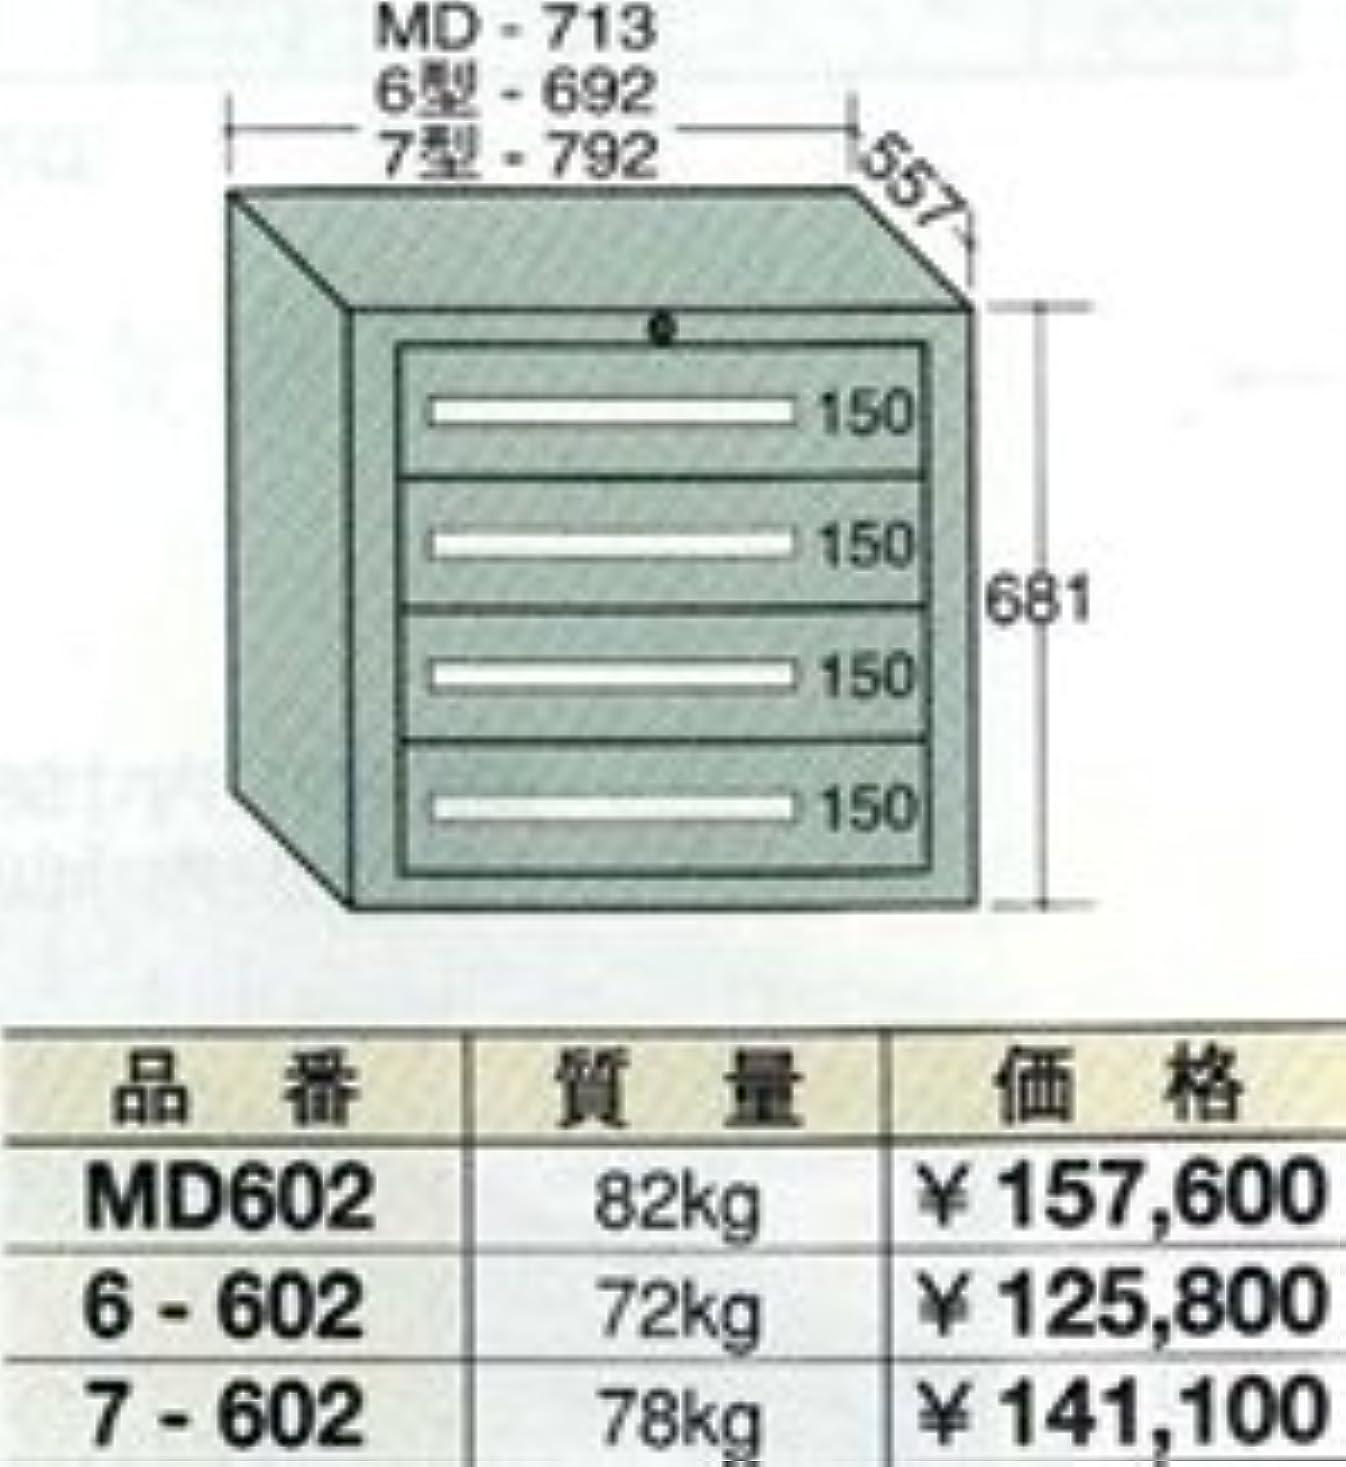 揃える消毒するつかいますOS(大阪製罐) ミドルキャビネット MD602